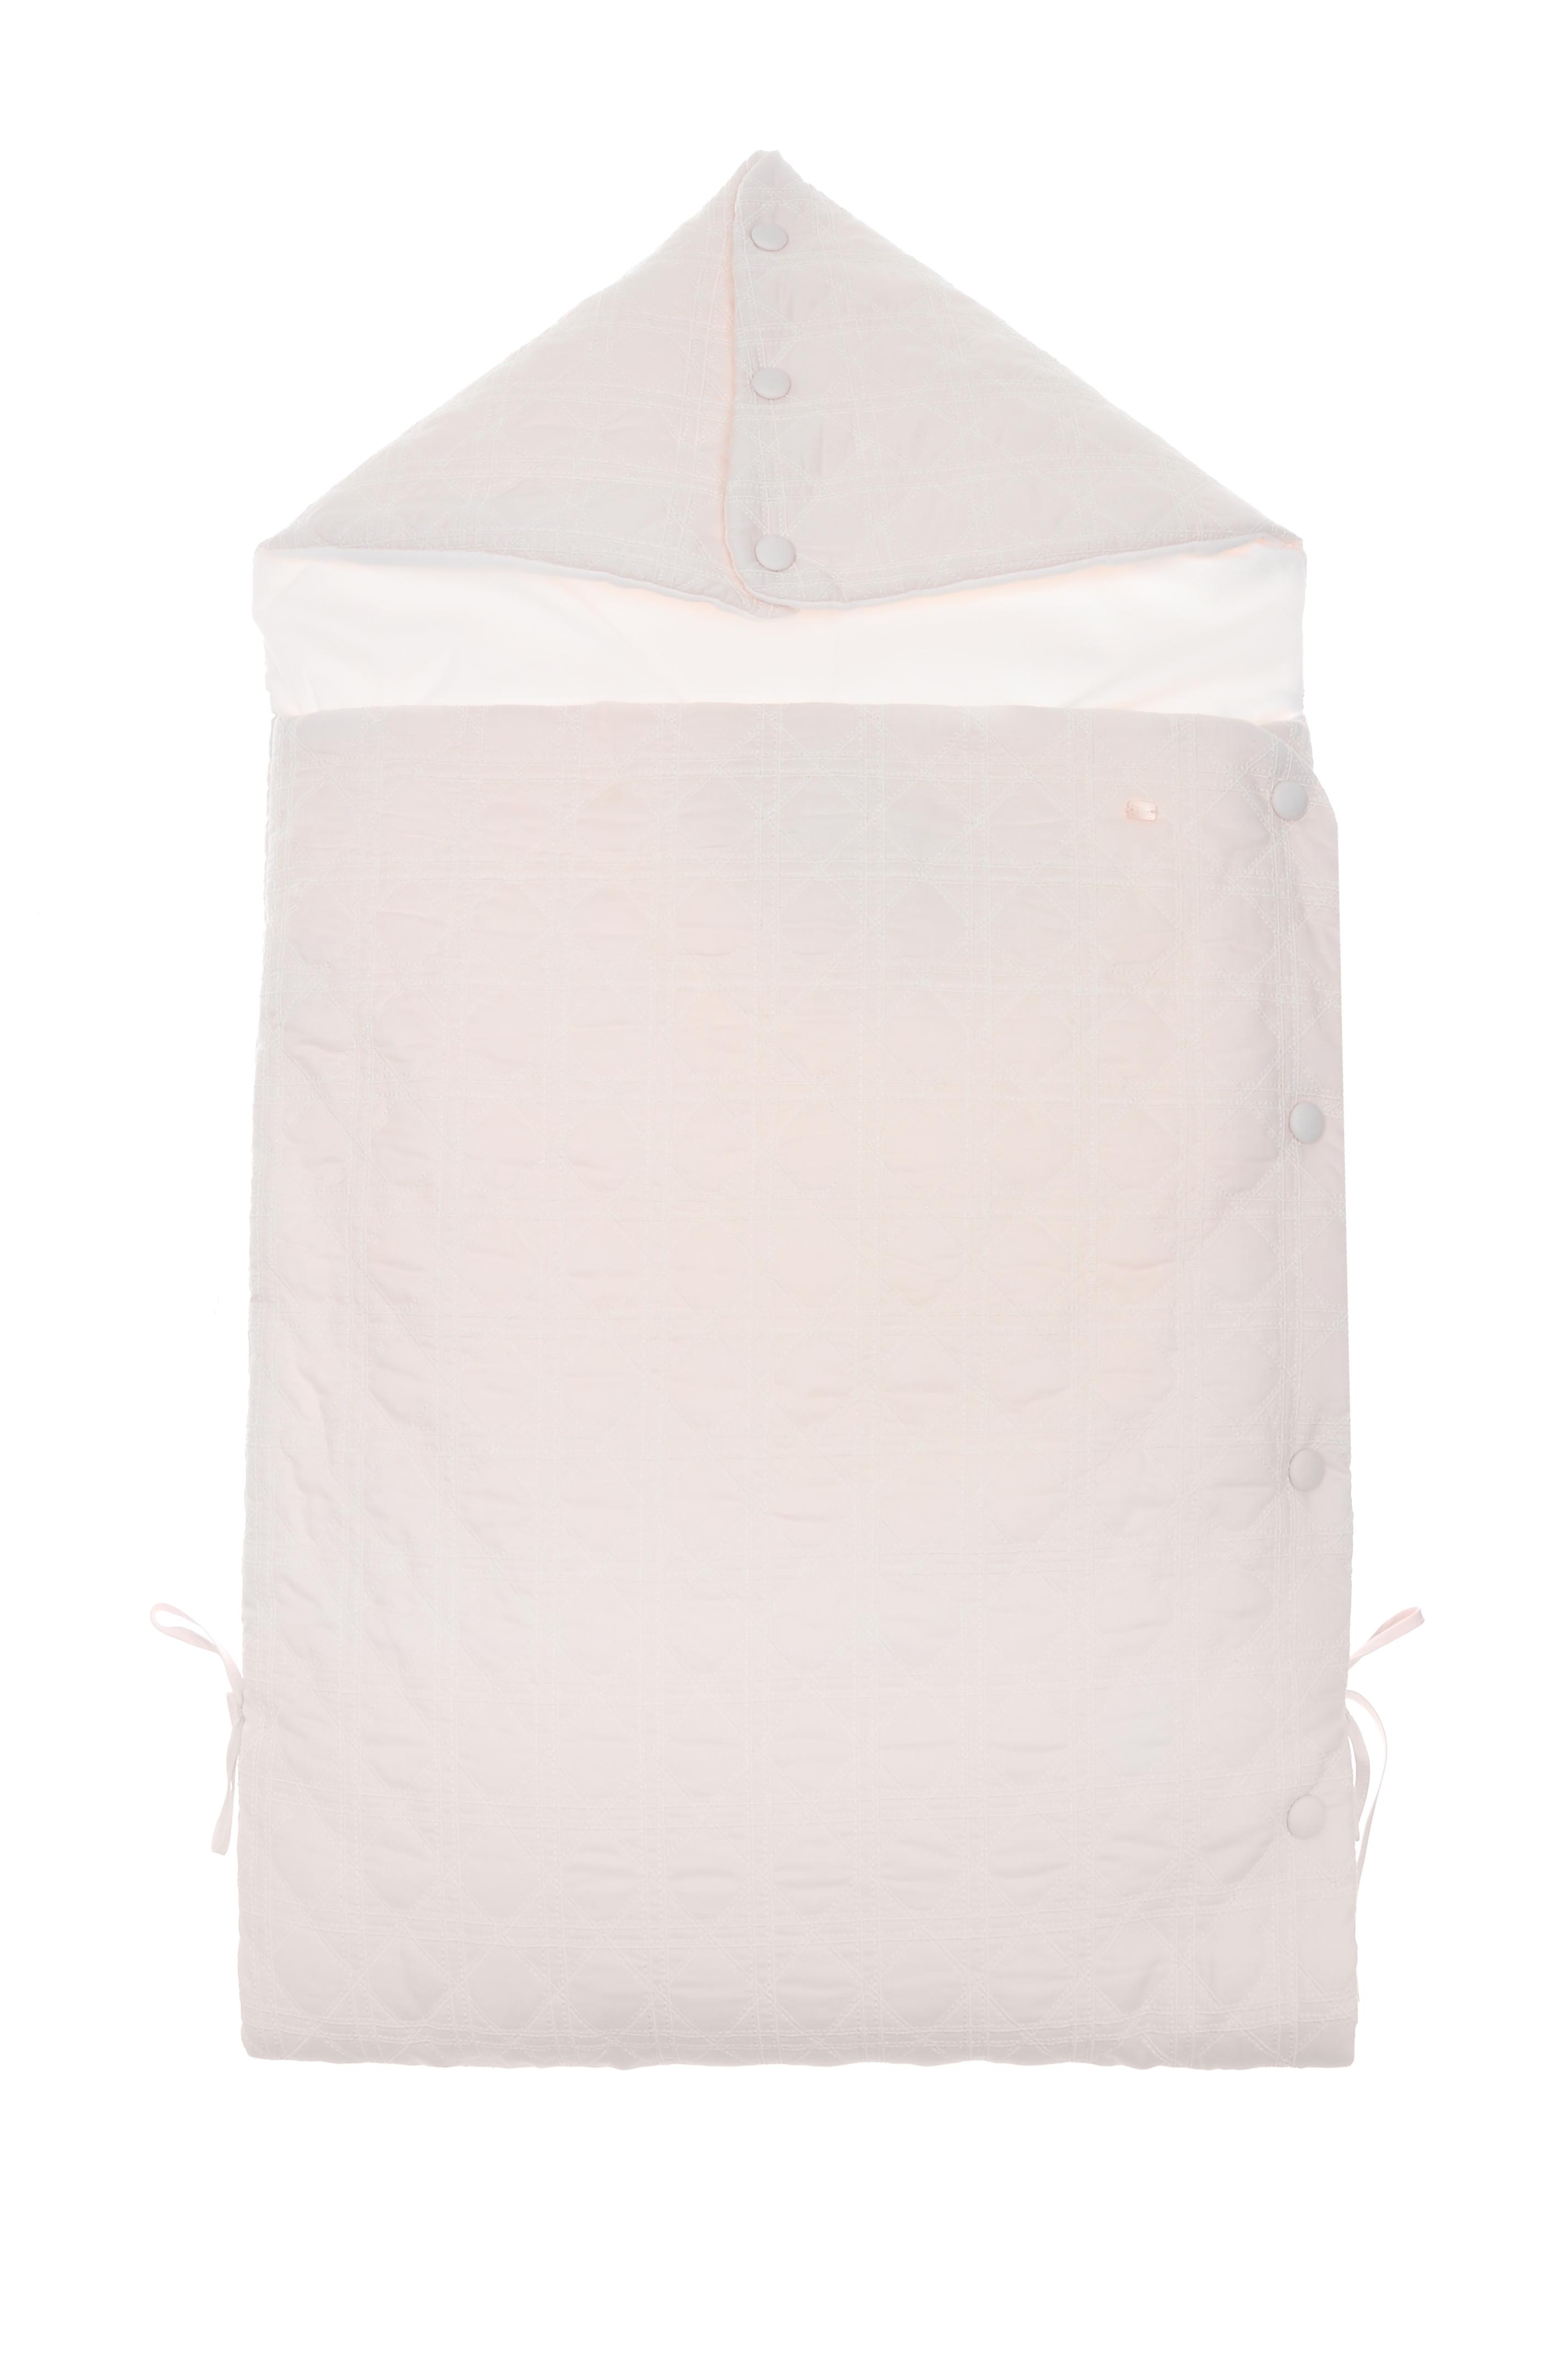 Розовый конверт для новорожденного с вышивкой «Cannage»Конверты<br><br>